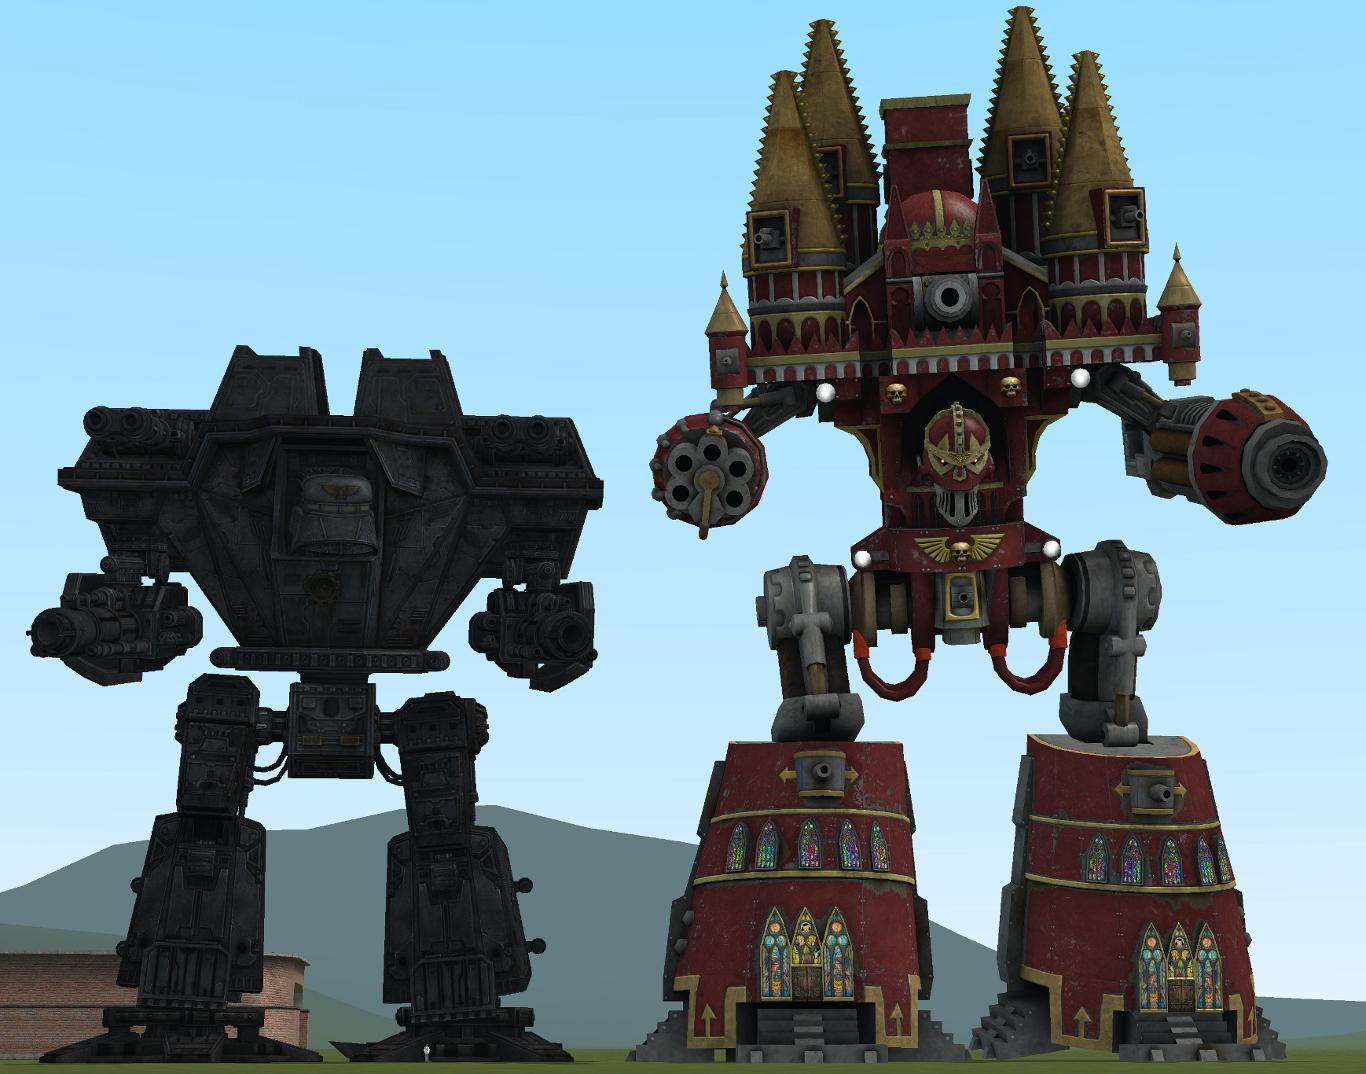 Imperiator, Titan, Warlord